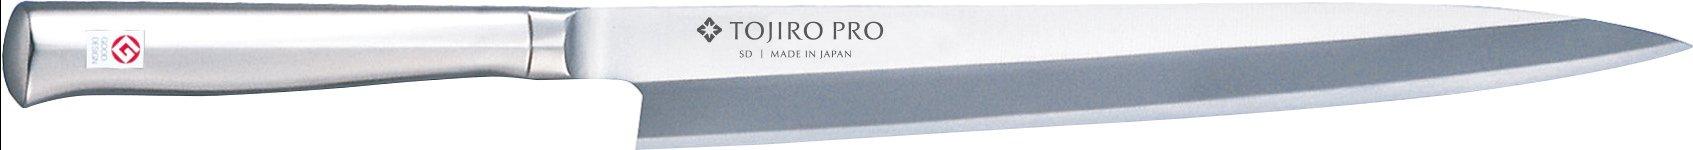 Tojiro-PRO SD Molybdenum Vanadium Steel Yanagi-Sashimi Knife 270mm (F-623)